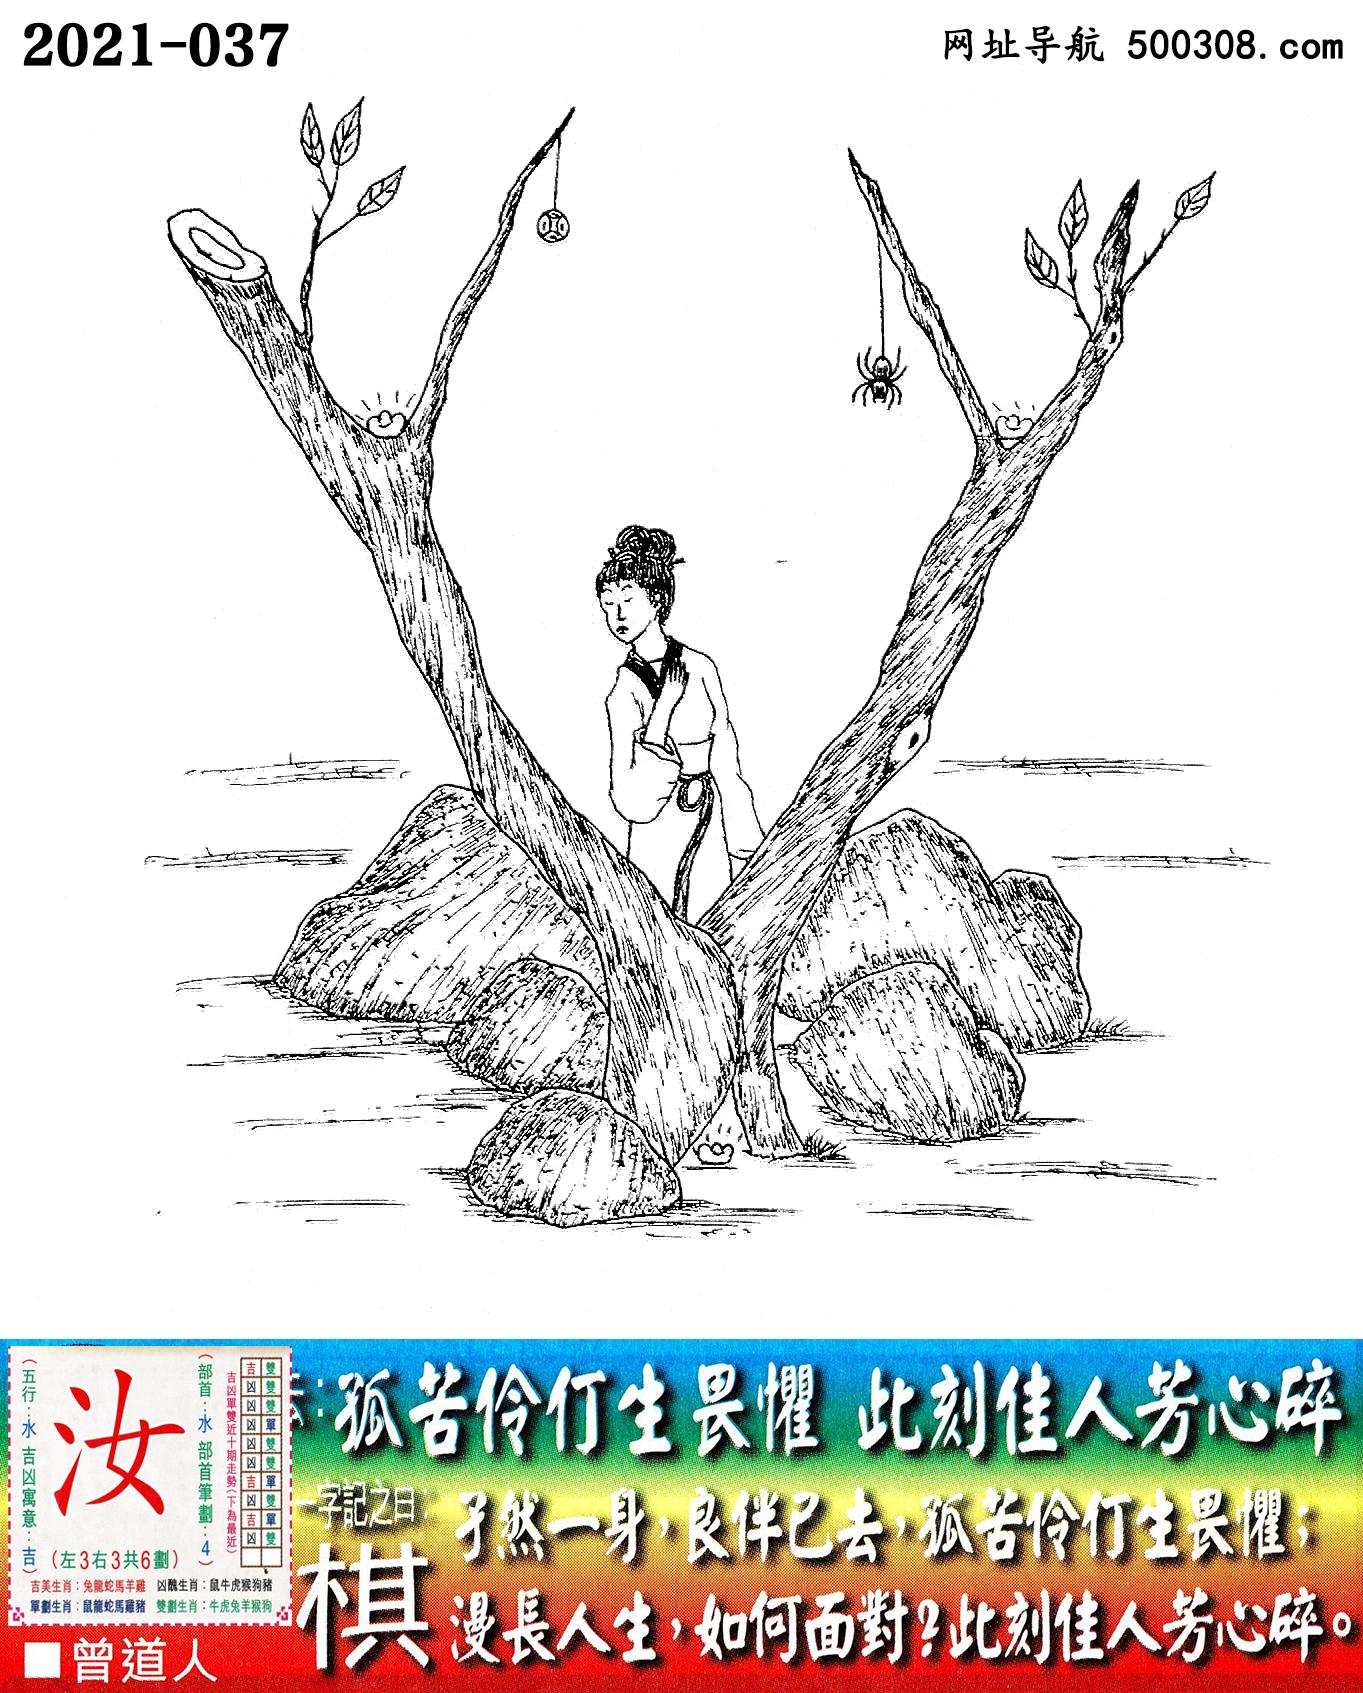 037期老版跑狗一字記之曰:【棋】_詩雲:孤苦伶仃生畏懼,此刻佳人芳心碎。